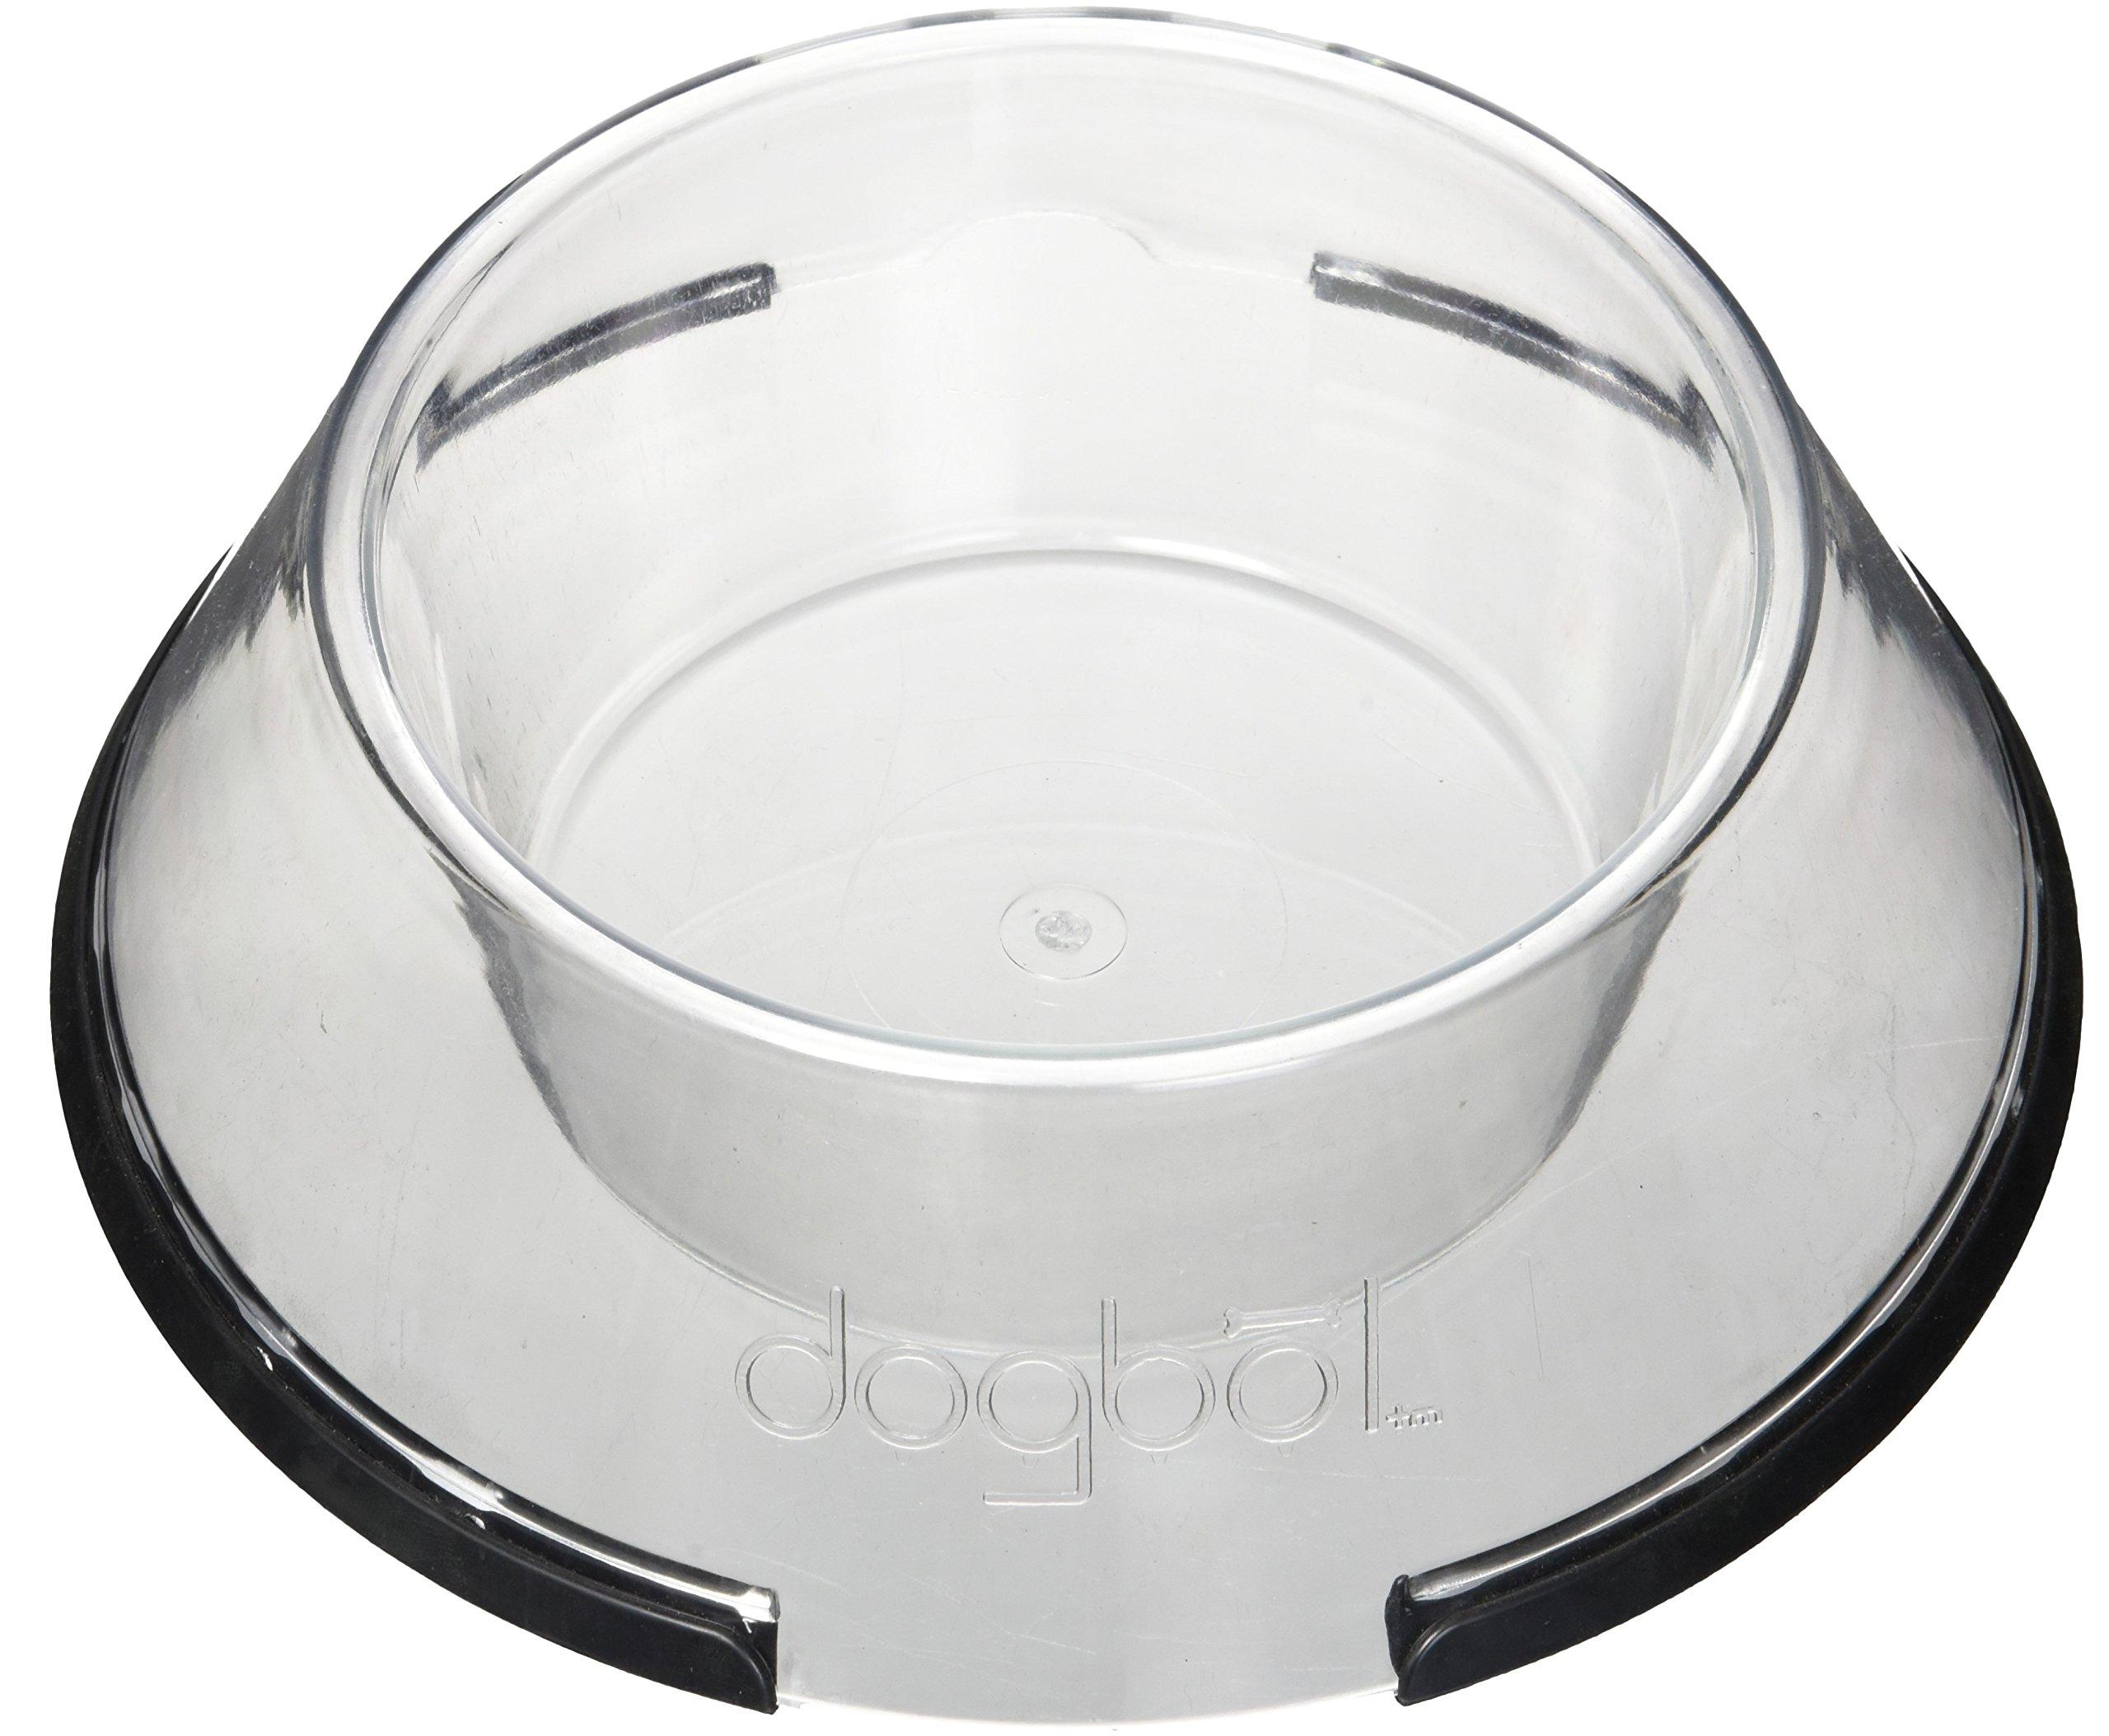 petprojekt Small Dogbol, Dog Dish, Clear